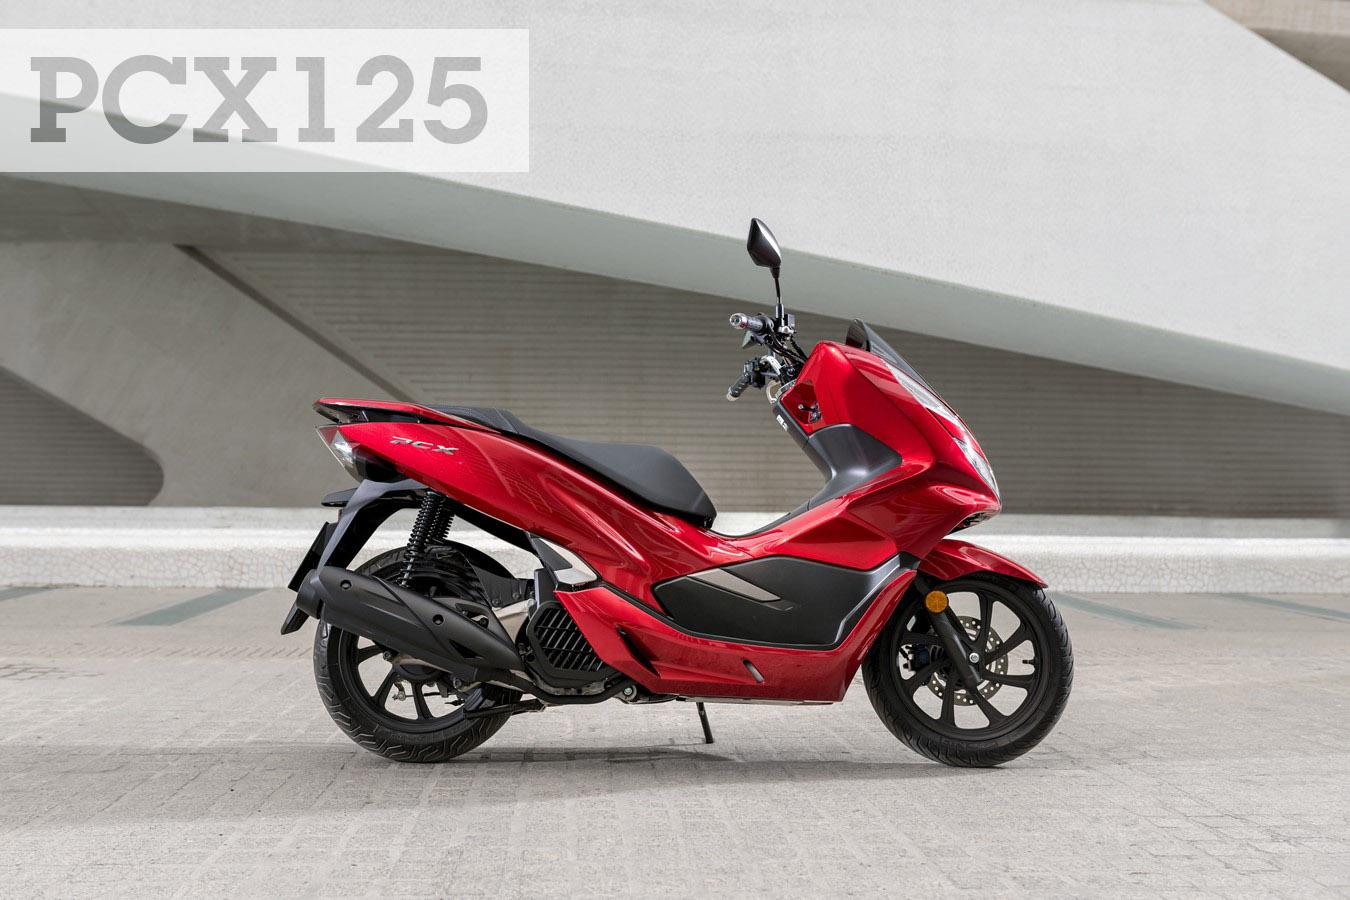 Honda PCX125